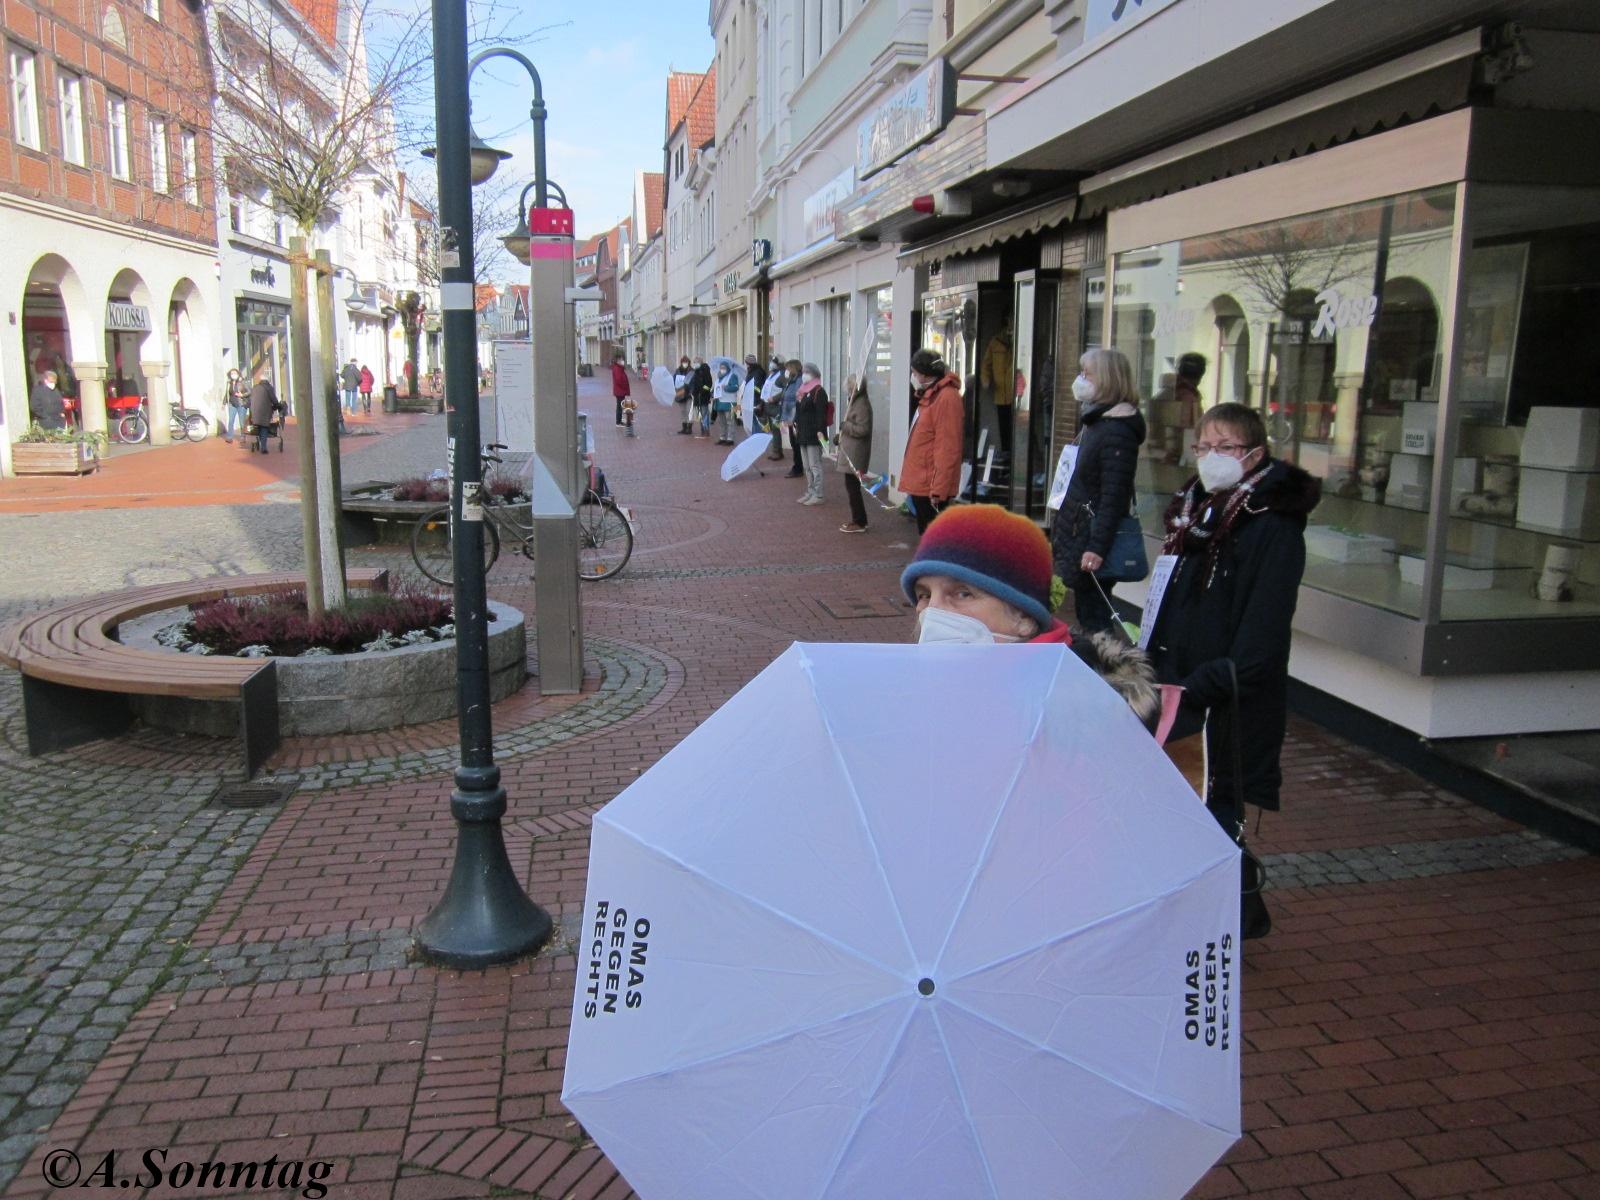 Verden: Mahnwache zum Gedenken an Hanau